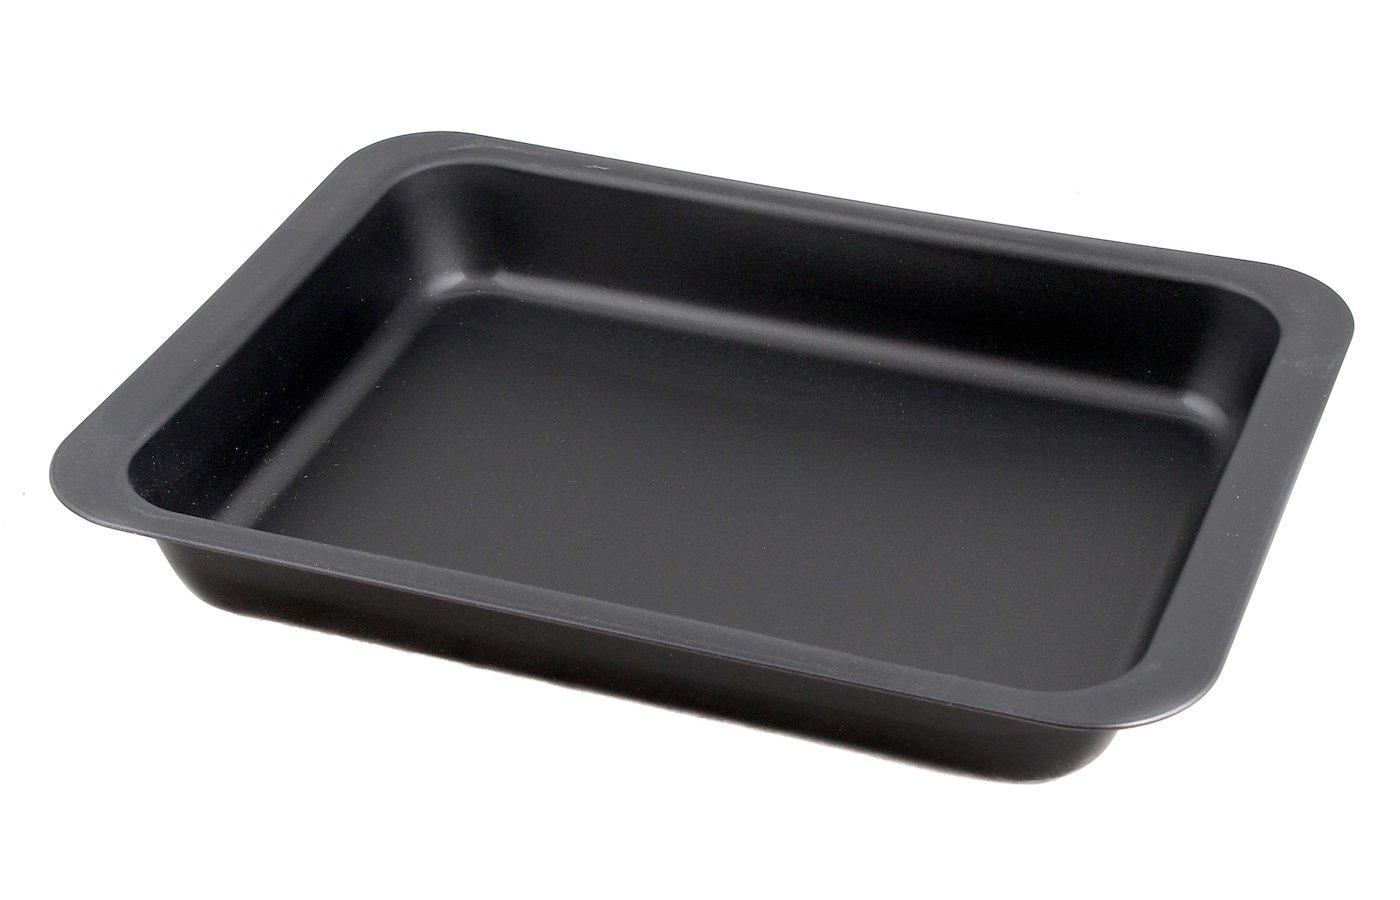 Форма для выпечки металлическая GUARDINI Arianna 59024 BAKE  ROAST PAN Форма для выпекания 24х32 см